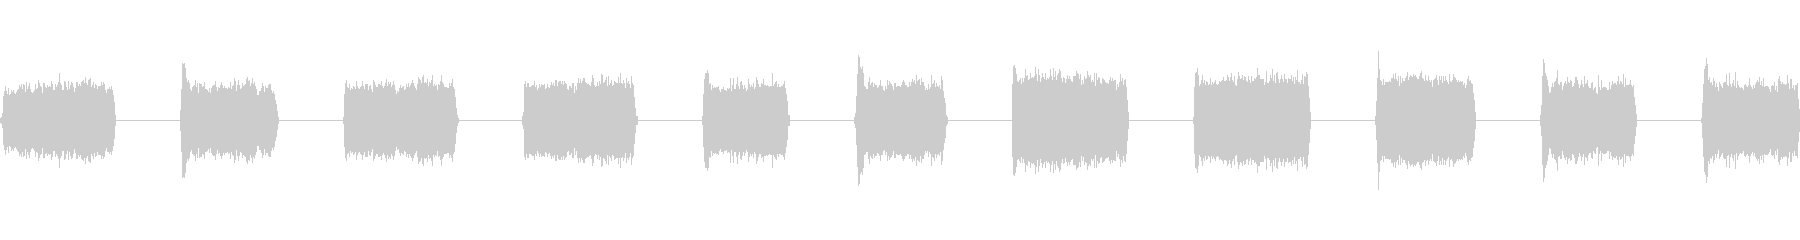 レーザー溶接:高、11バースト、S...の未再生の波形